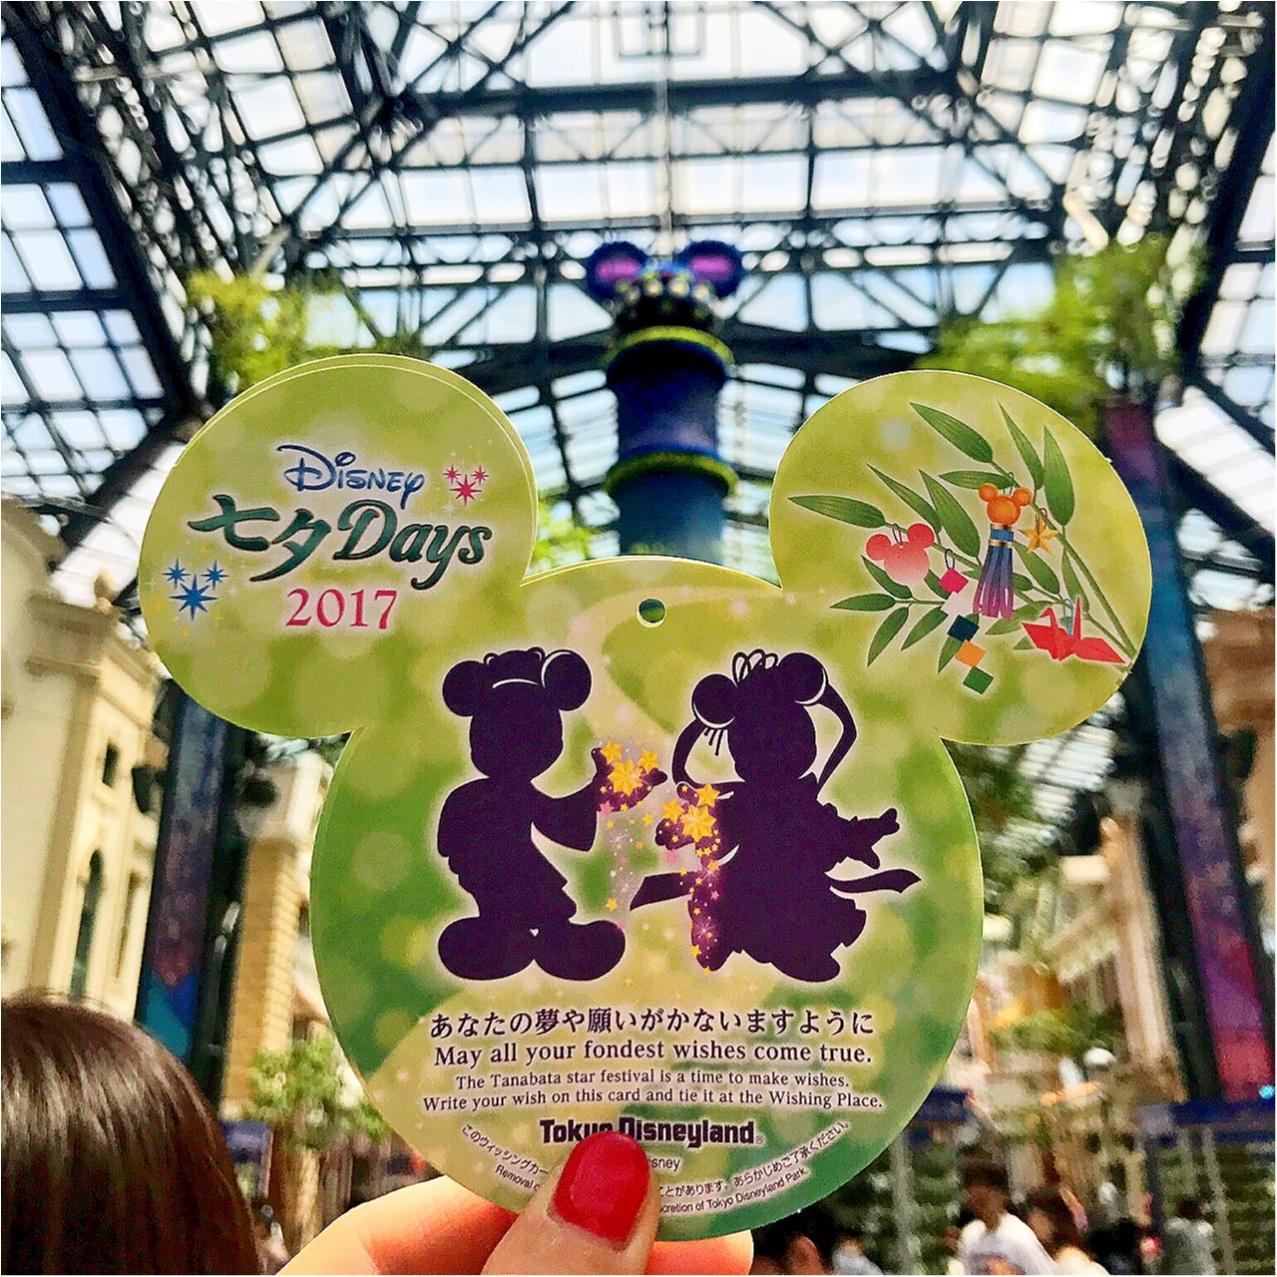 【7/7まで!】星に願いを…☆ディズニーランドで楽しむ「七夕Days 2017」♡_6